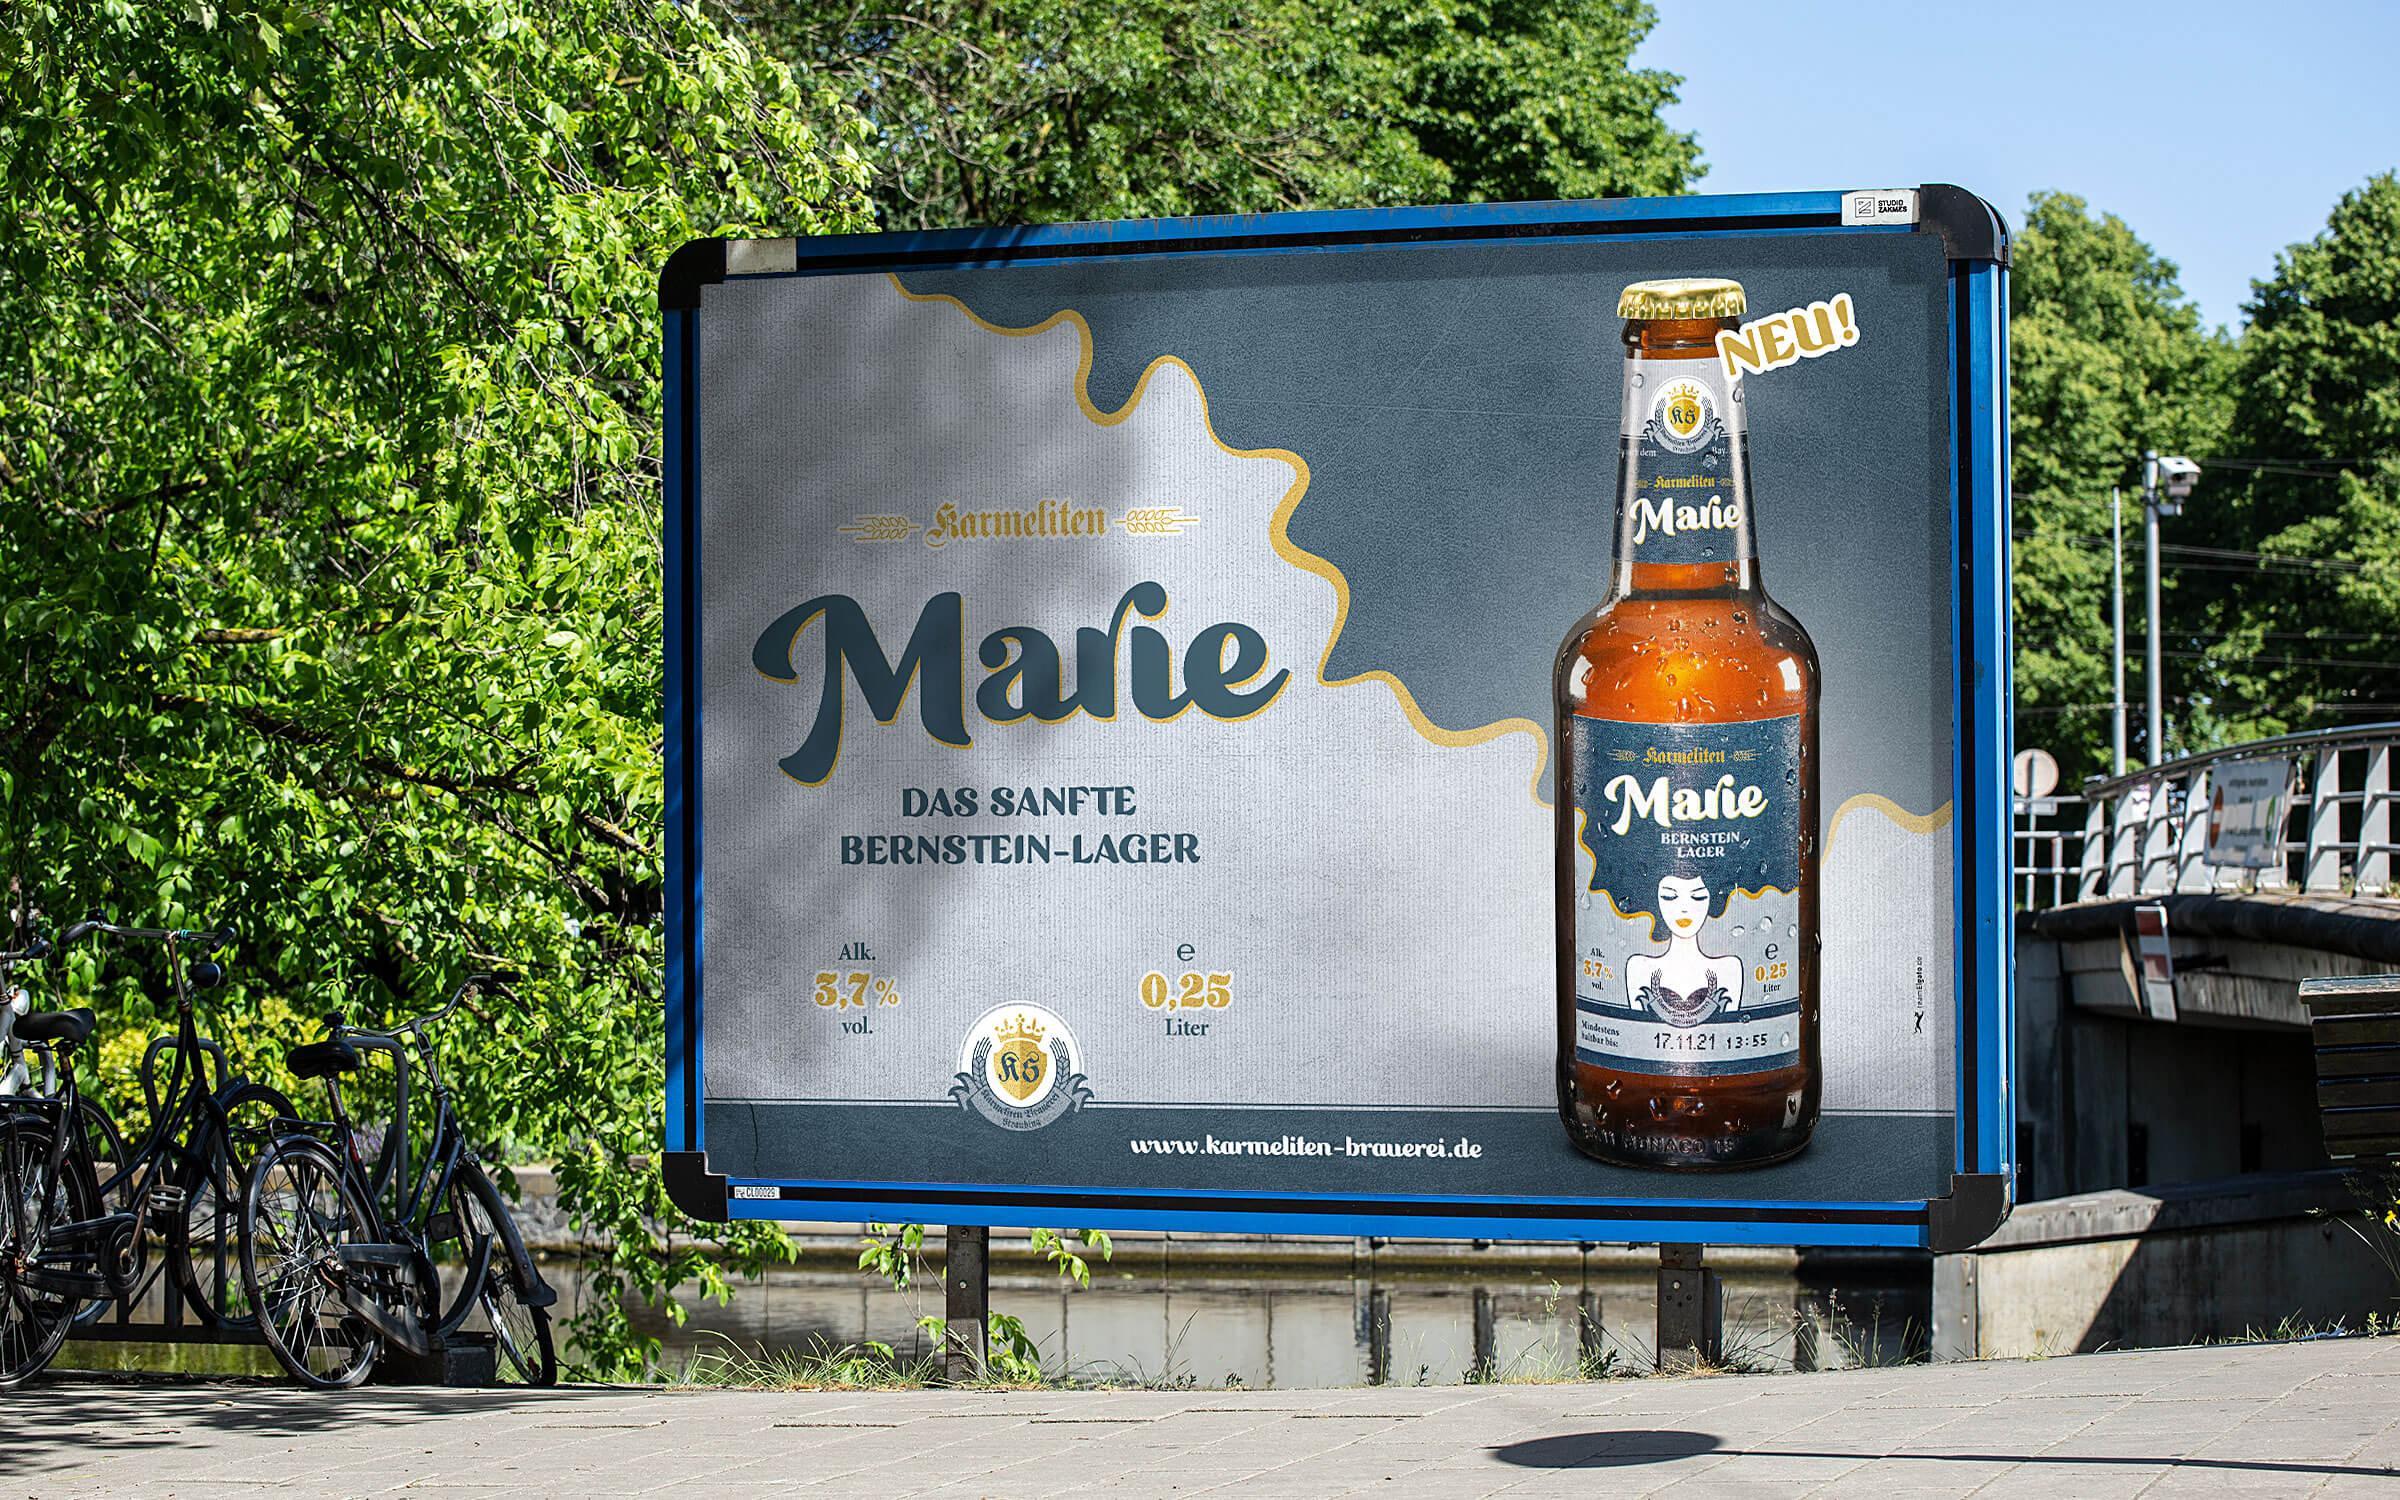 Karmeliten Brauerei – Marie Großflächenplakat